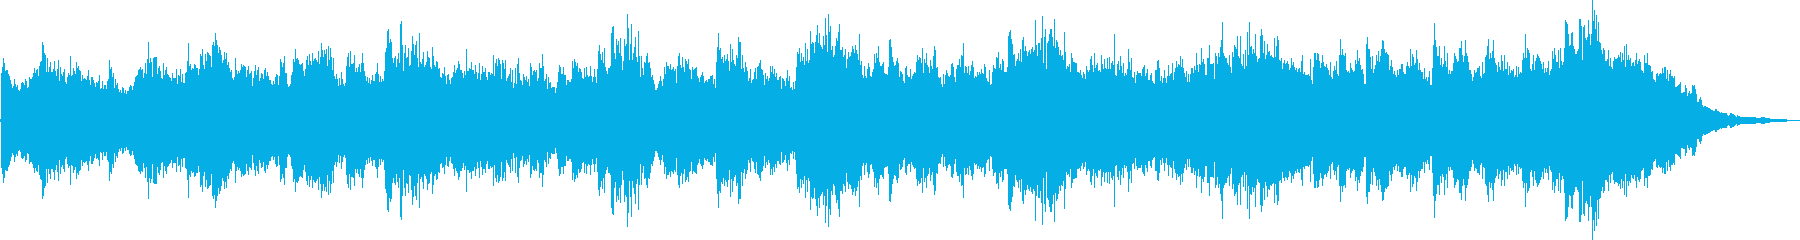 ピアノとシンセの癒し系BGMの再生済みの波形